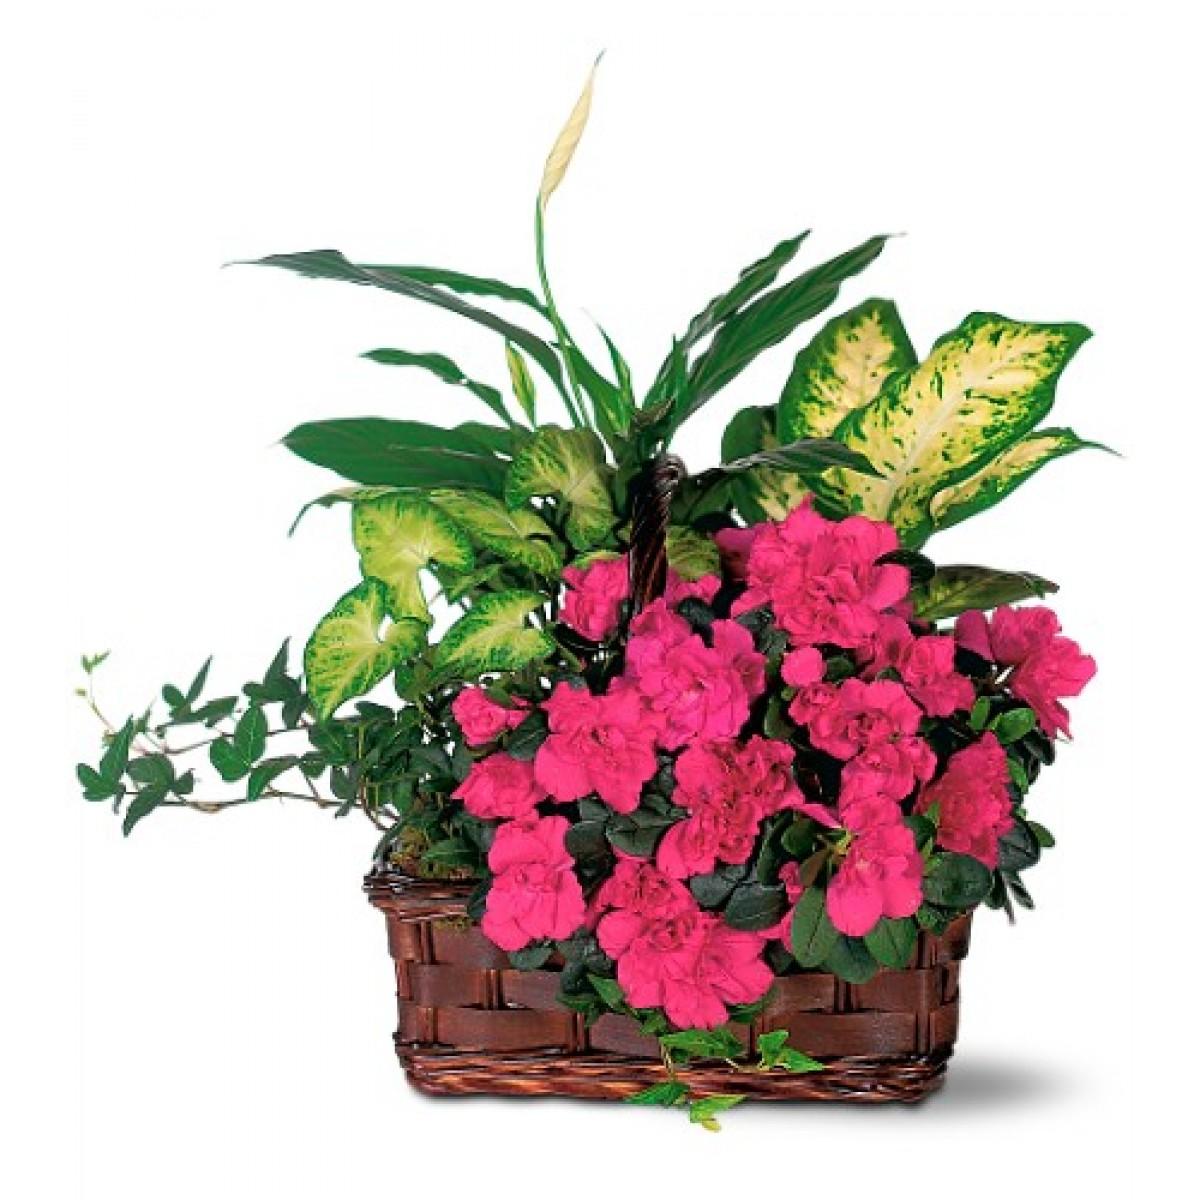 Аранжировка с азалия и растения